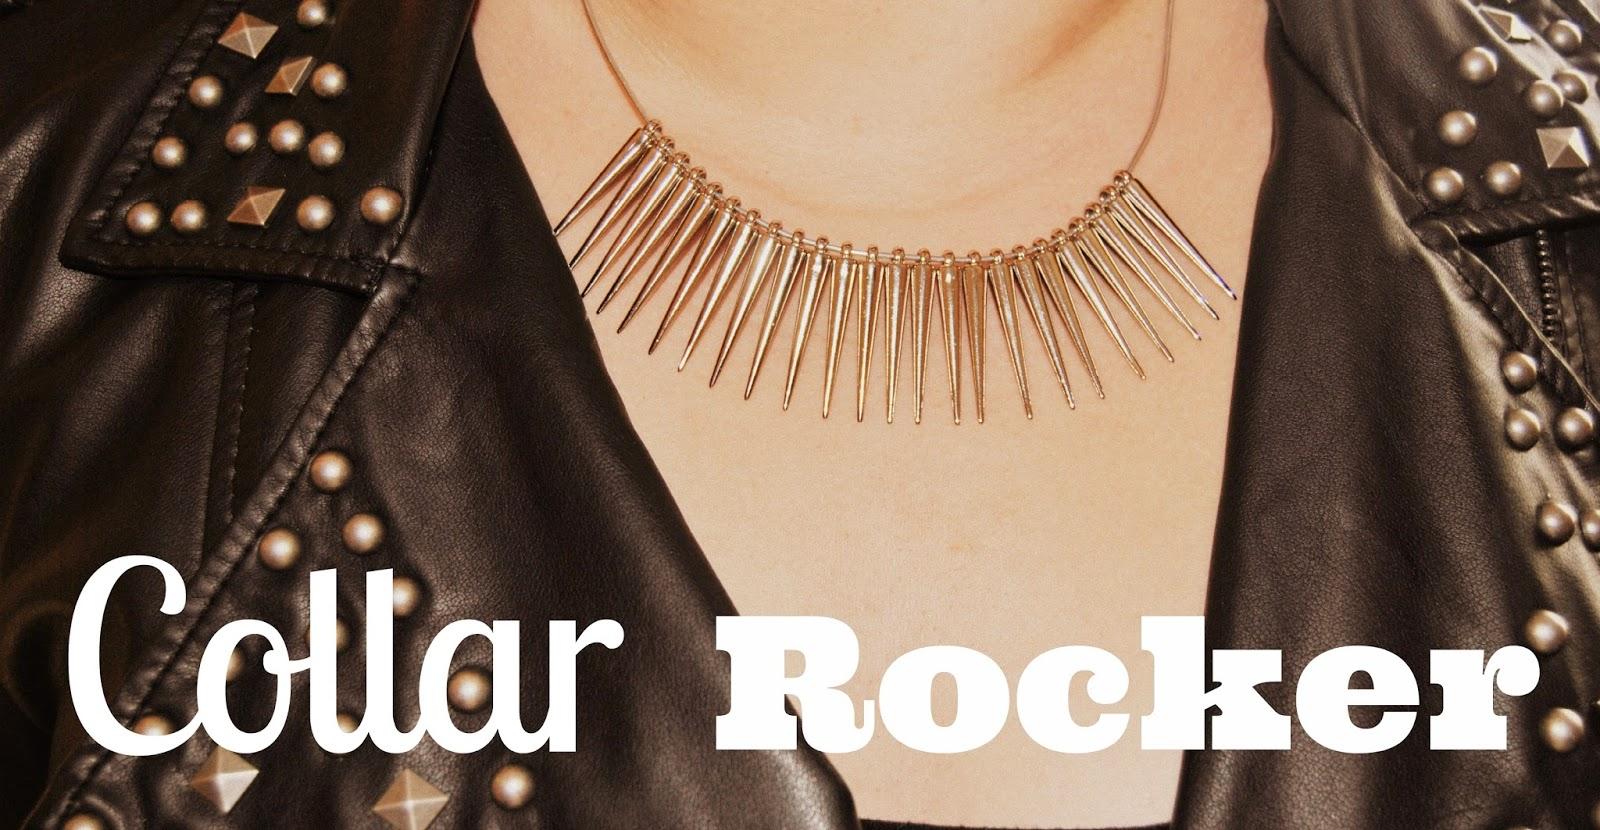 Haz tu propio collar rockero de manera fácil